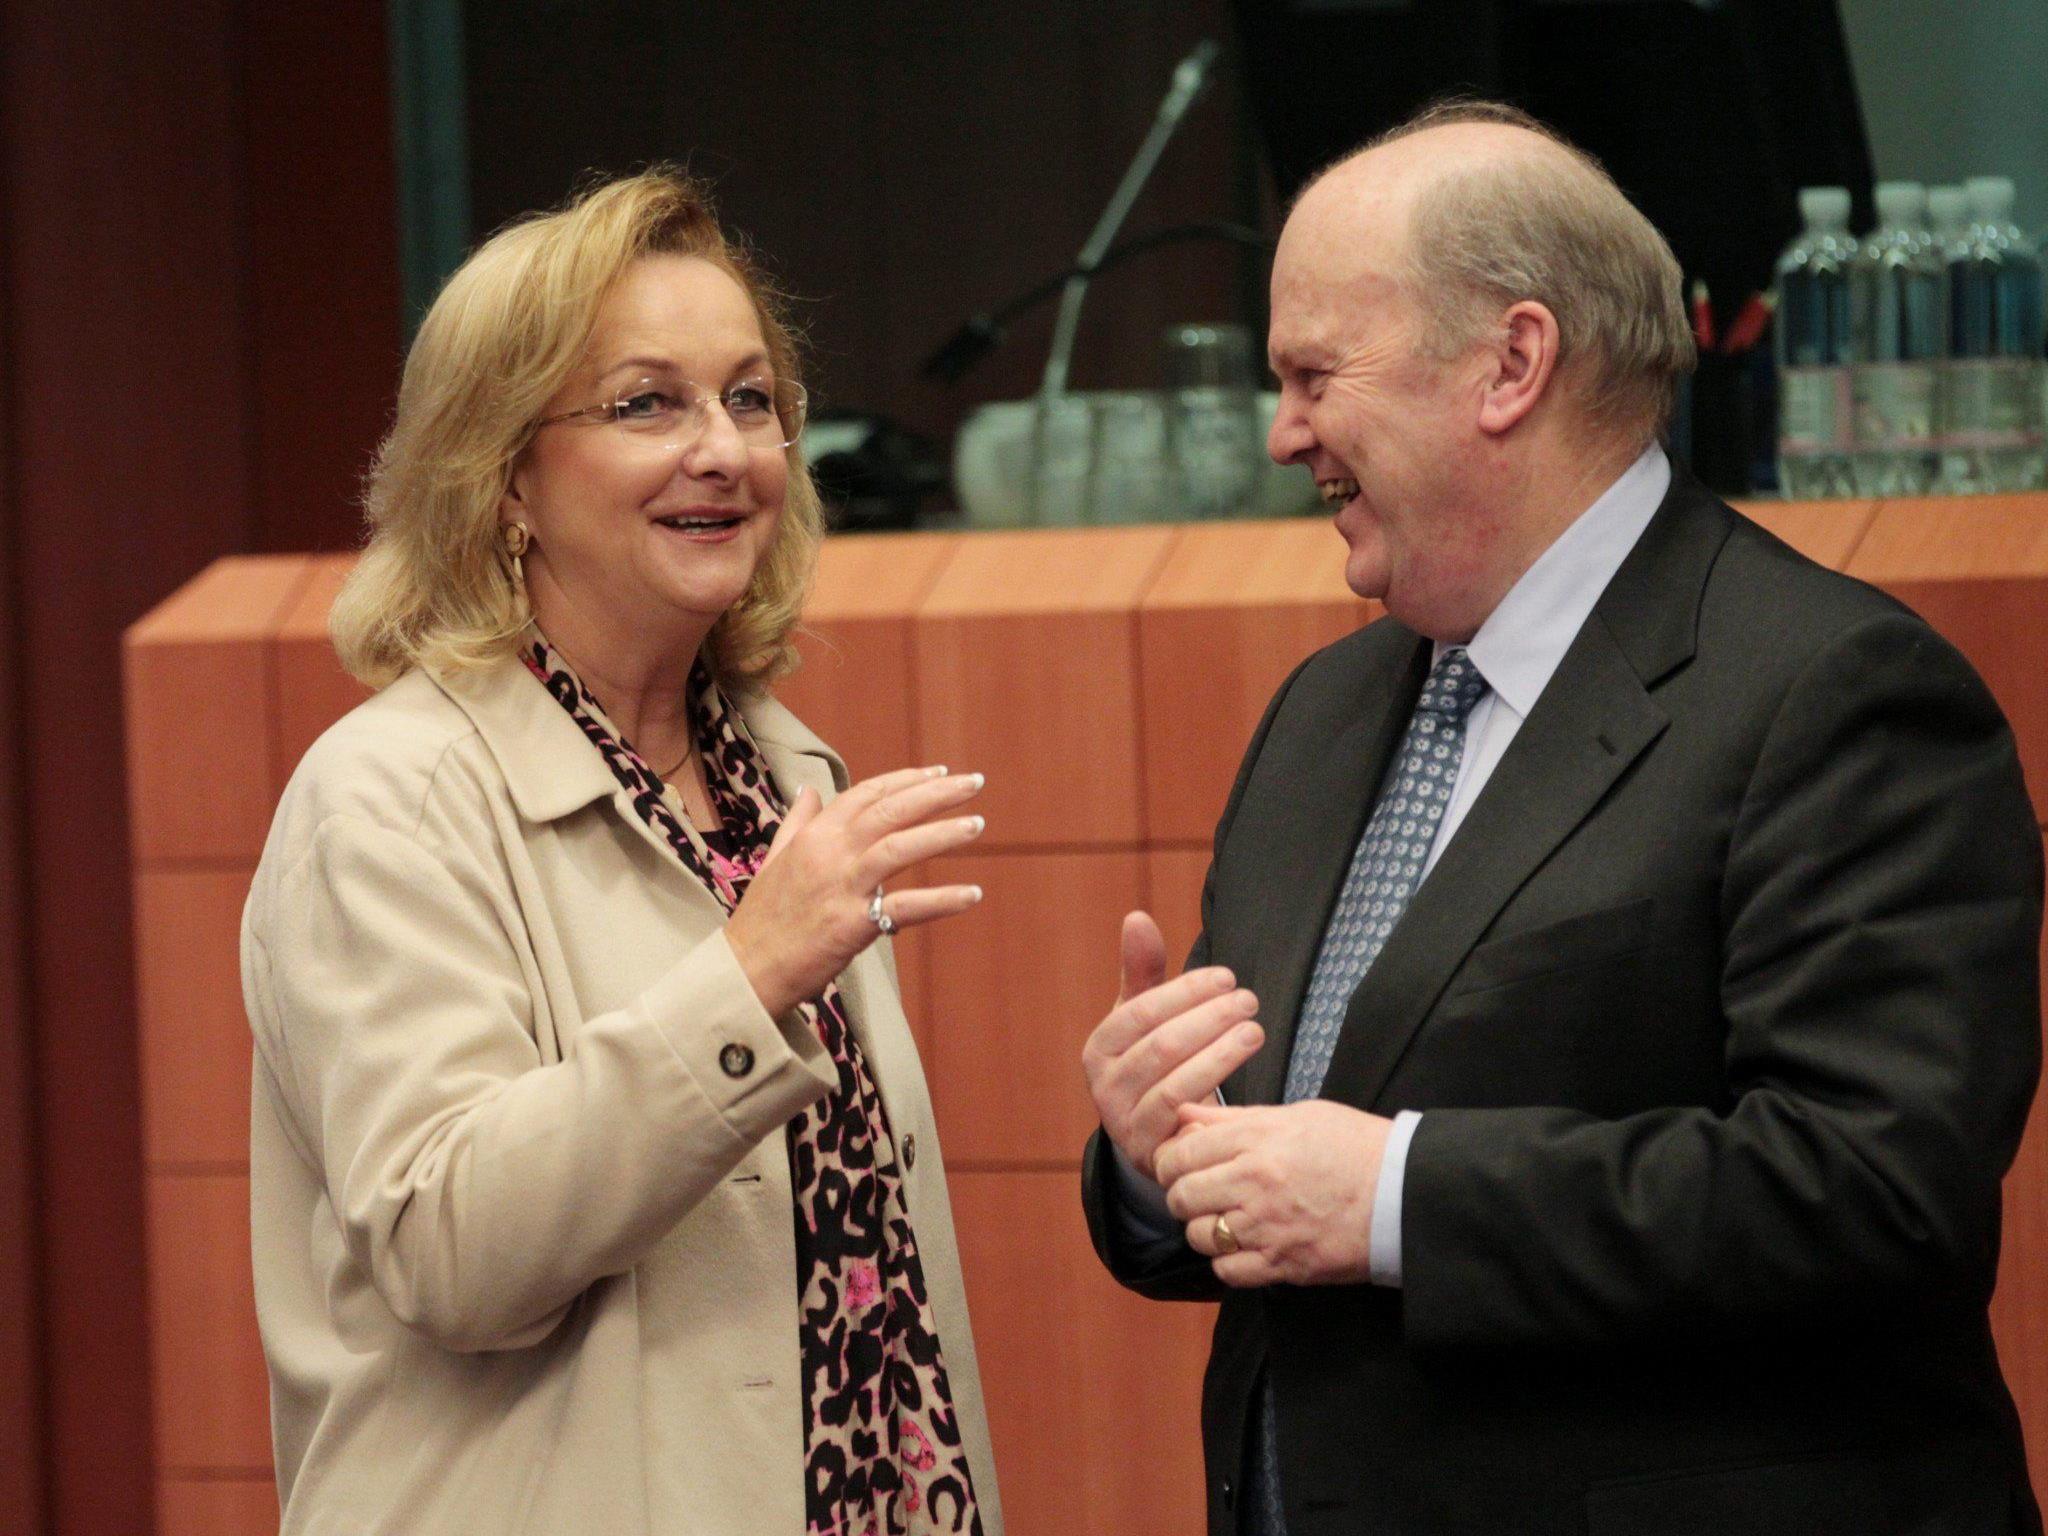 Maria Fekter unterhält sich in Brüssel mit dem irischen Finanzminister Michael Noonan.